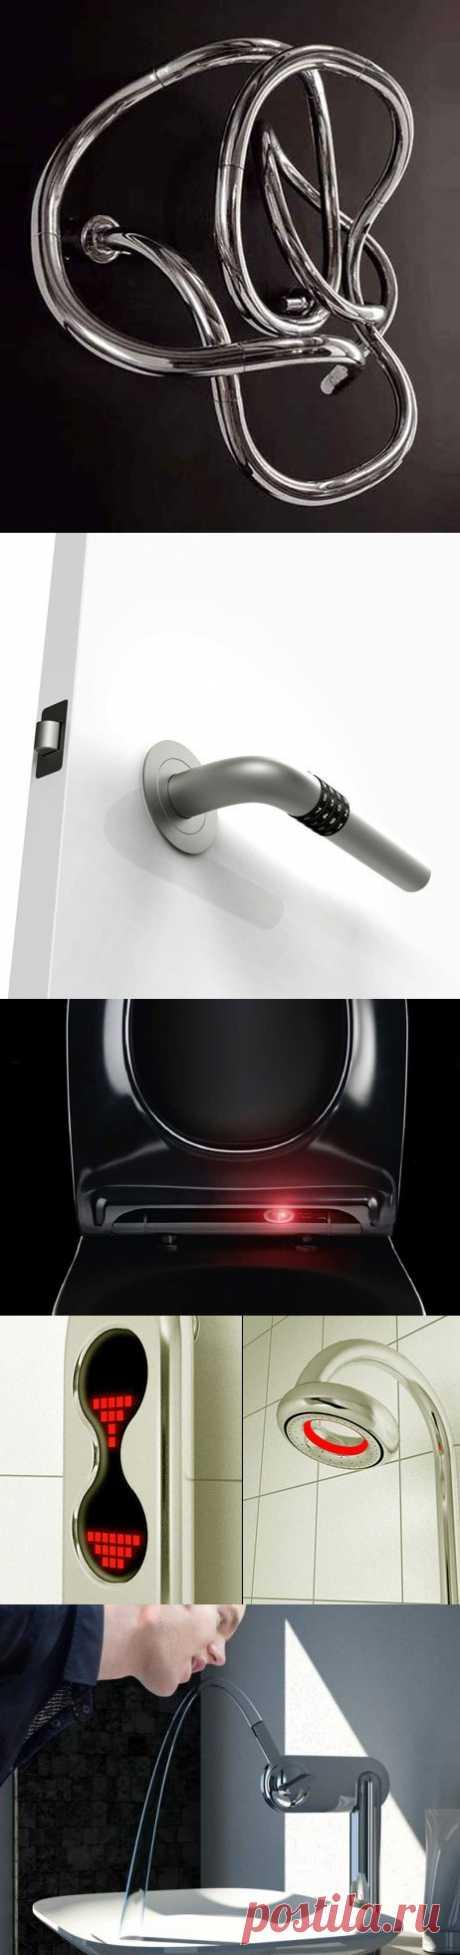 Самые бредовые идеи современного ремонта. А именно: 1. Полотенцесушитель для ванной комнаты 2. Дверная ручка для Штирлица 3. Туалет, эээ… нет все-таки – умный унитаз 4. Копеечку за душ, да еще и с иллюминацией. 5. Кран фонтанчик, как в старые добрые времена.